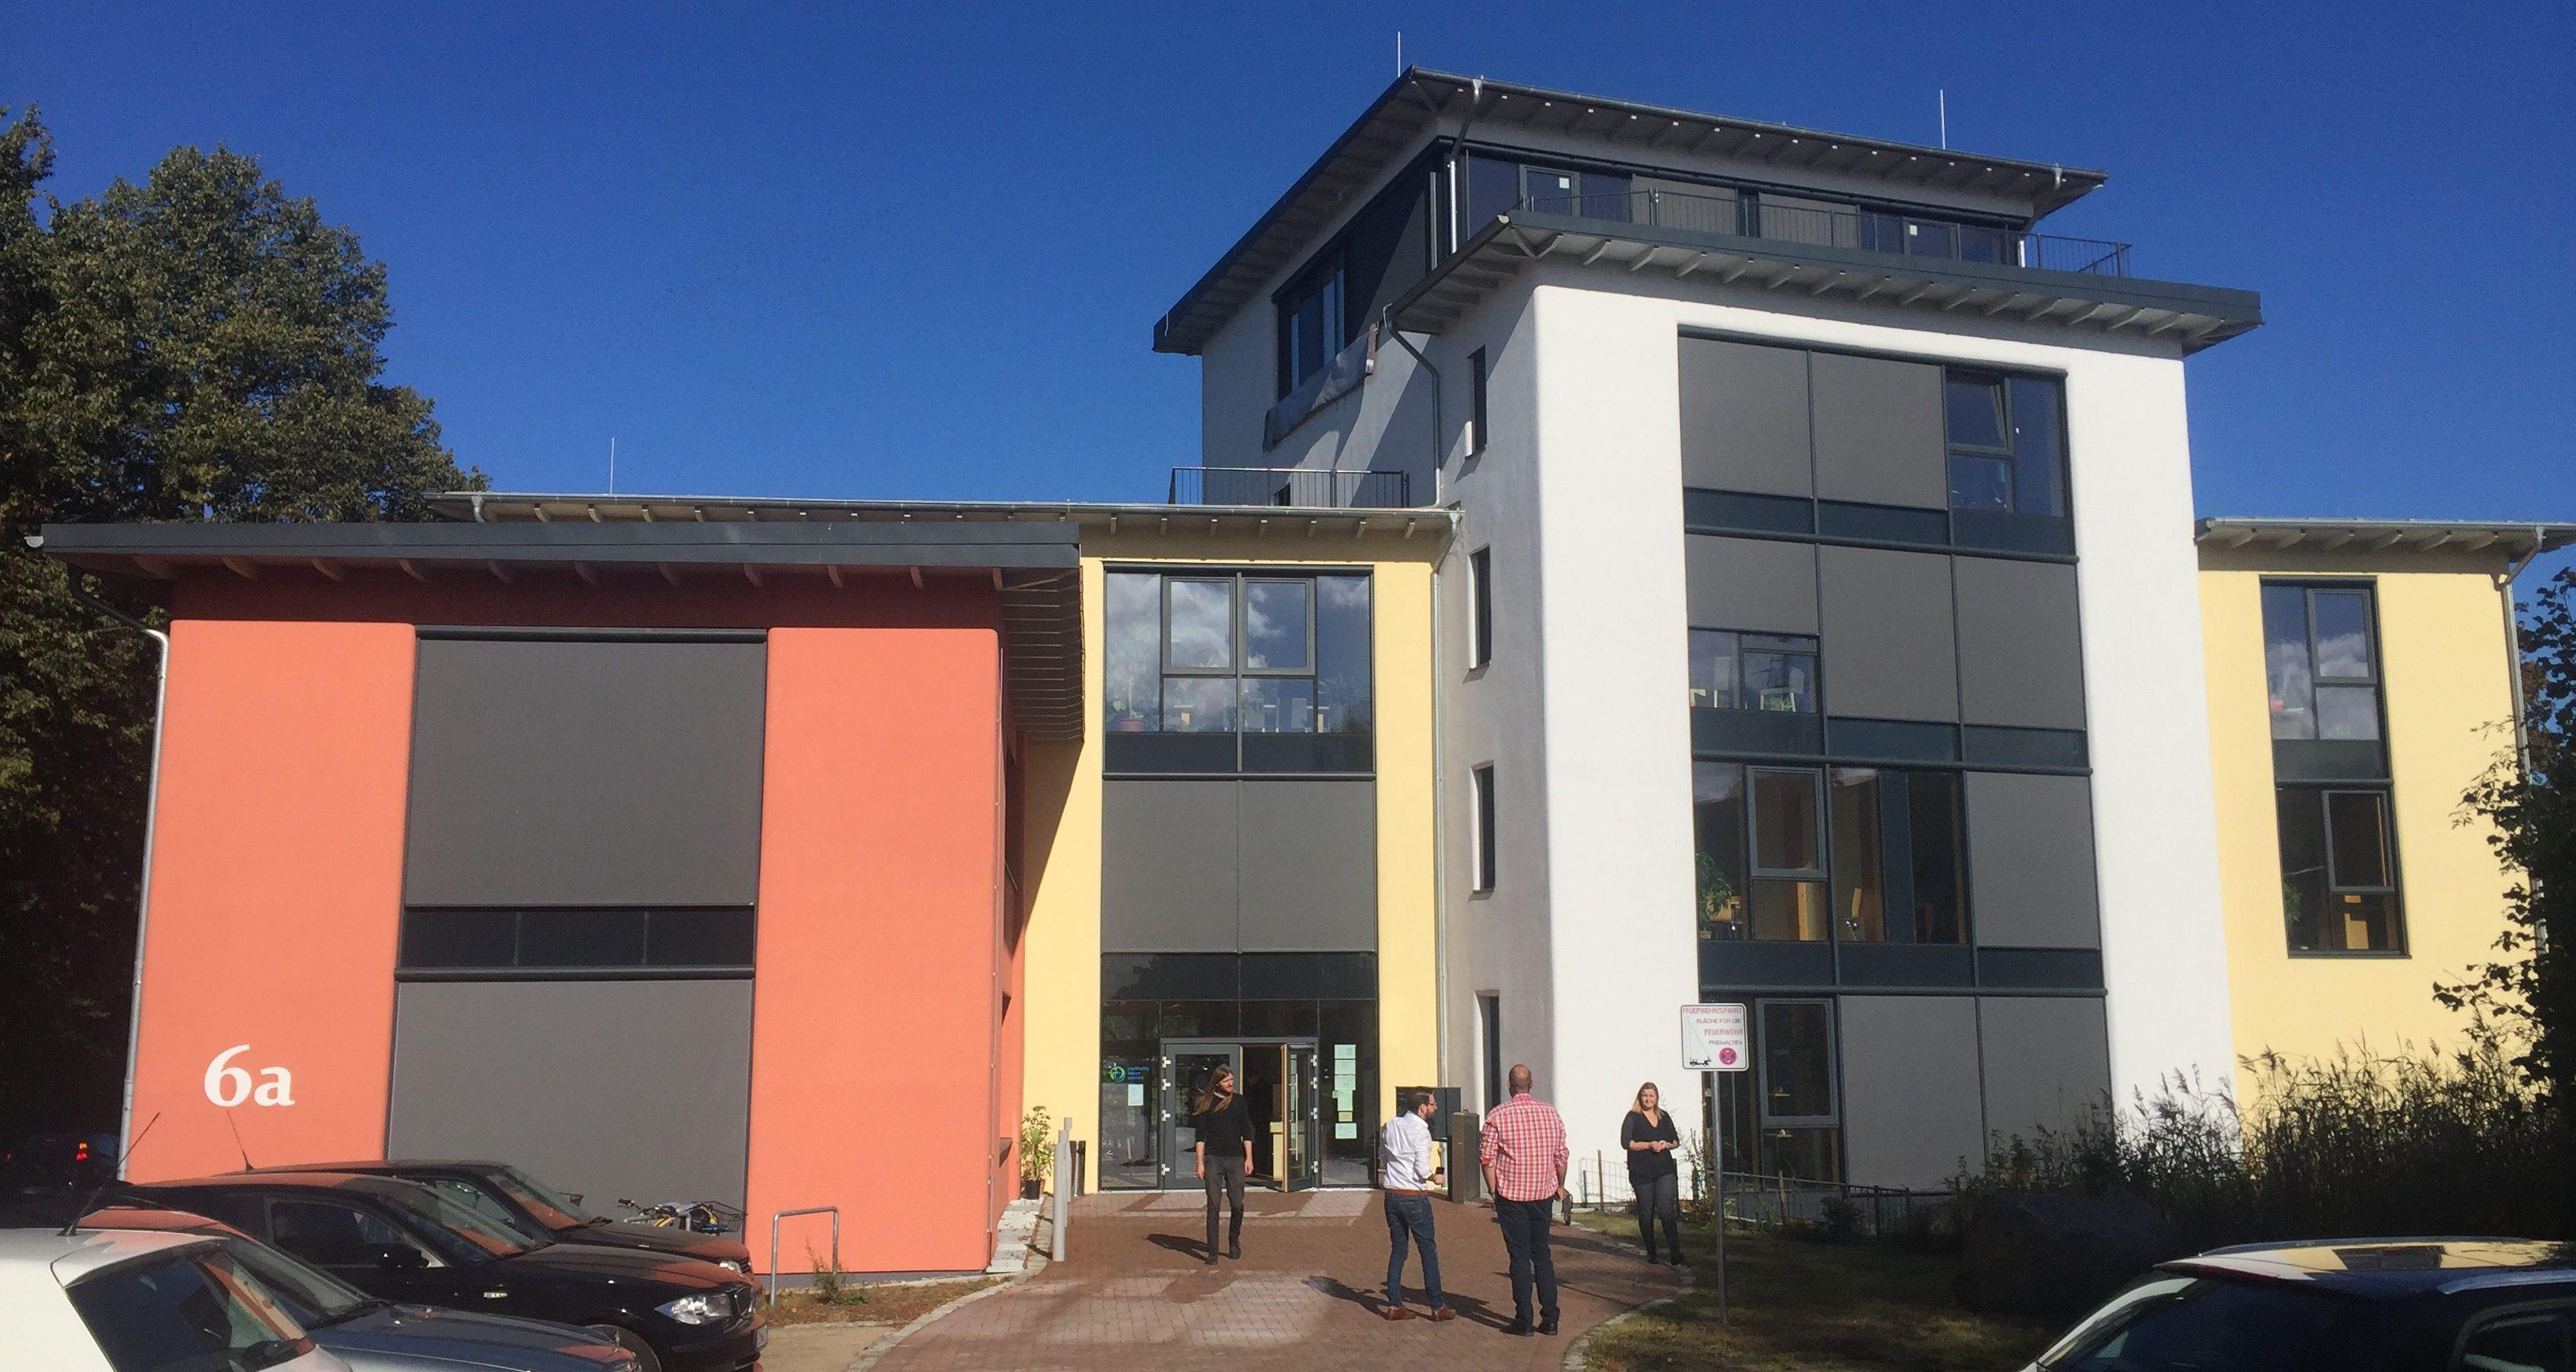 Nachhaltig Bauen haks im norddeutschen zentrum für nachhaltiges bauen auszubildende